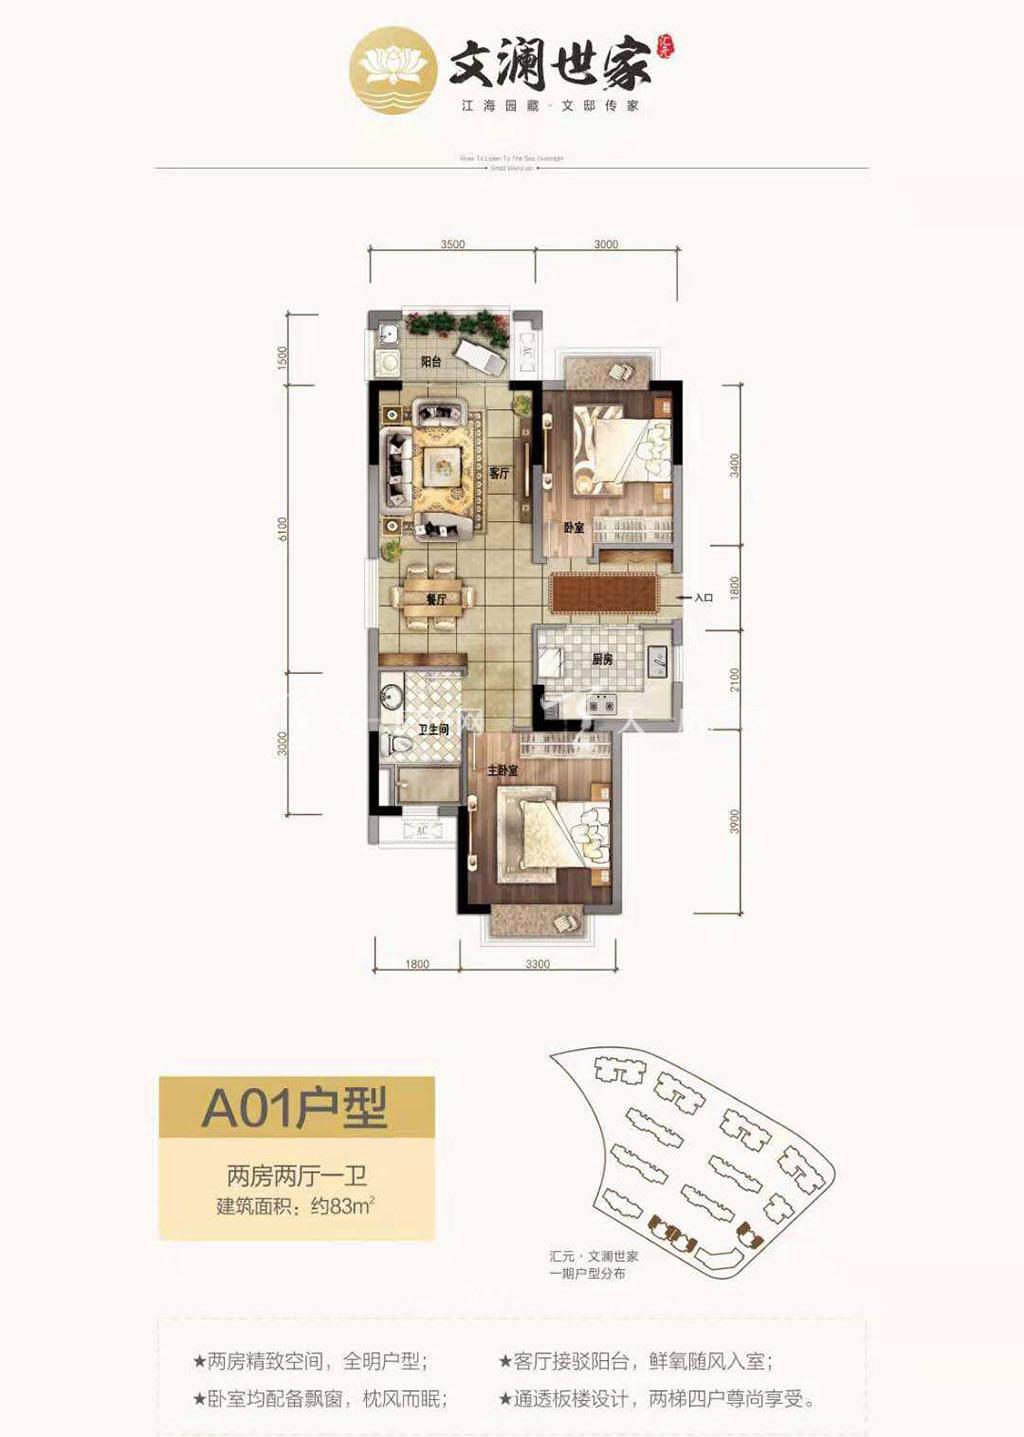 汇元文澜世家A01两房两厅 建筑面积83㎡